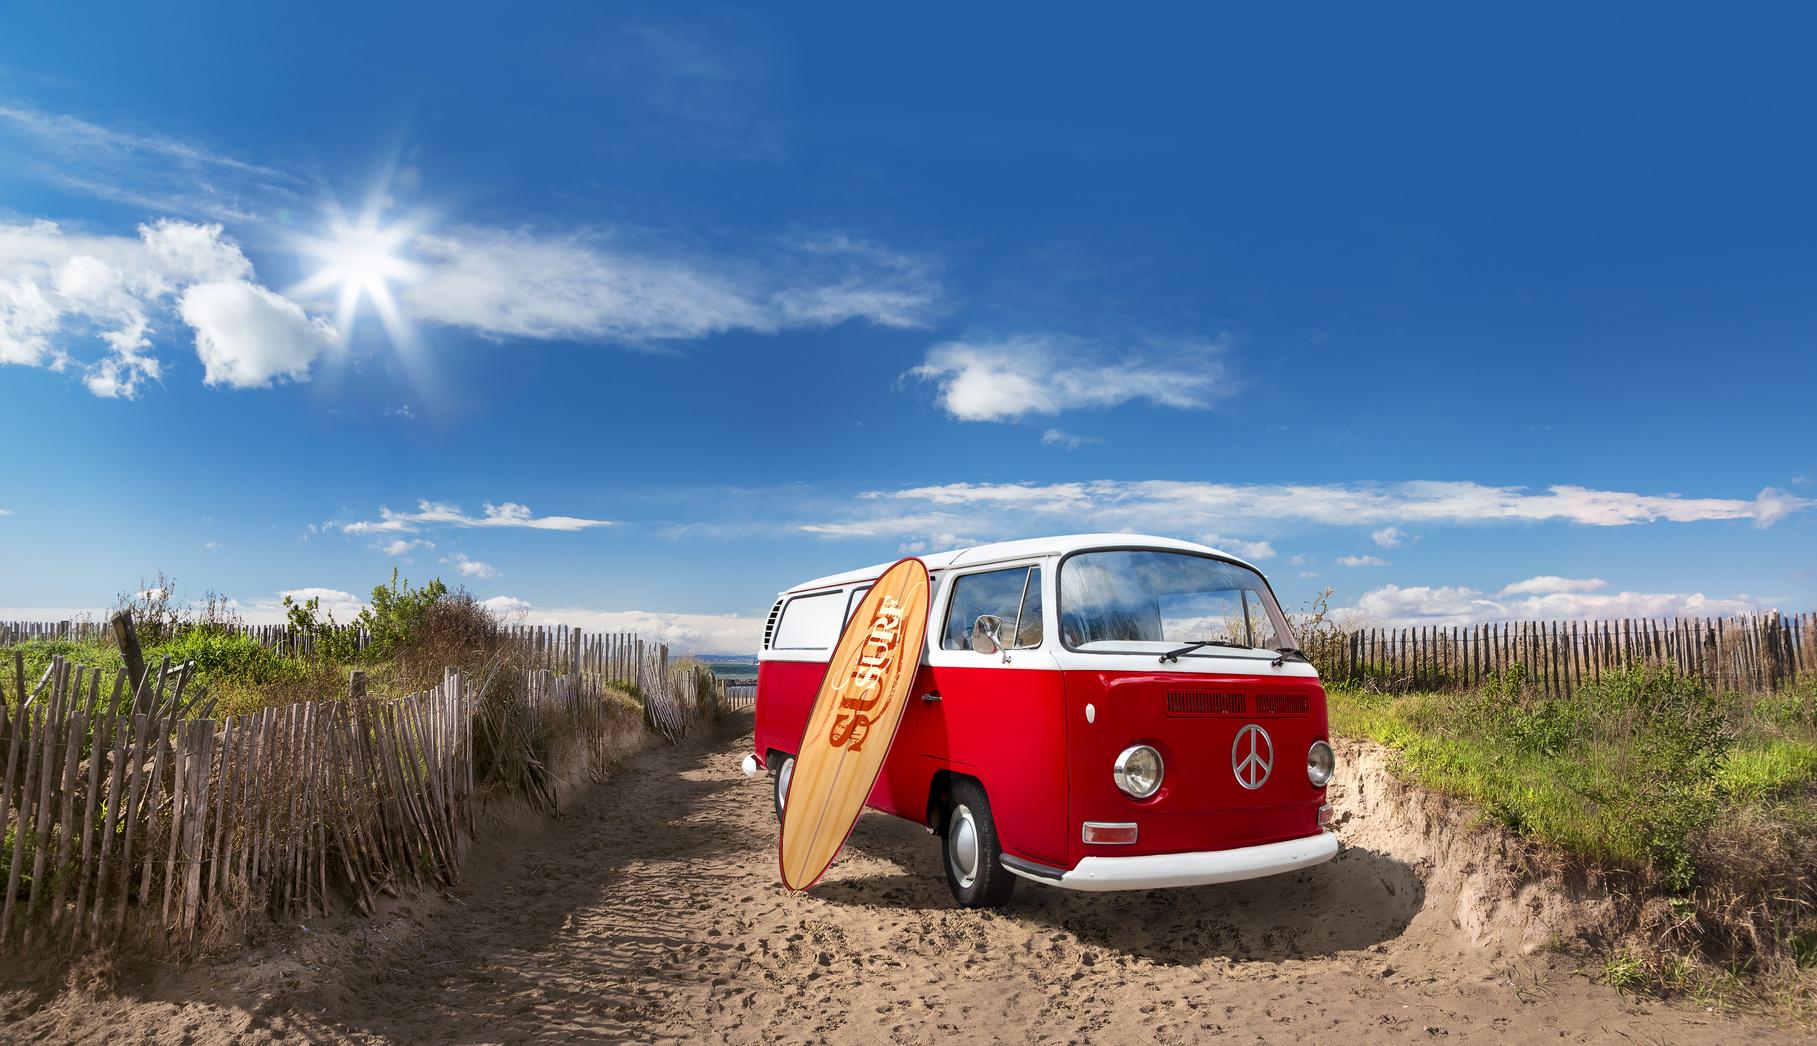 Der Deutschen beliebtesten Nah- und Sparziele - On the Beach